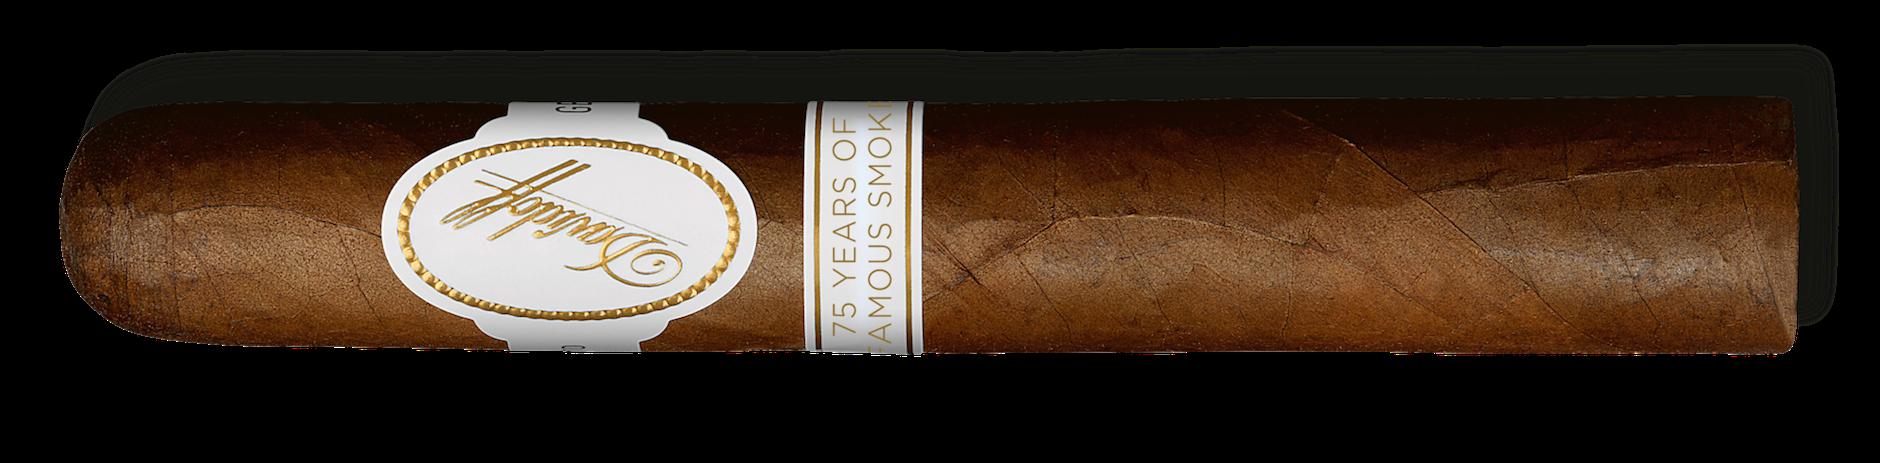 Davidoff Famous Smoke Shop 75th Anniversary